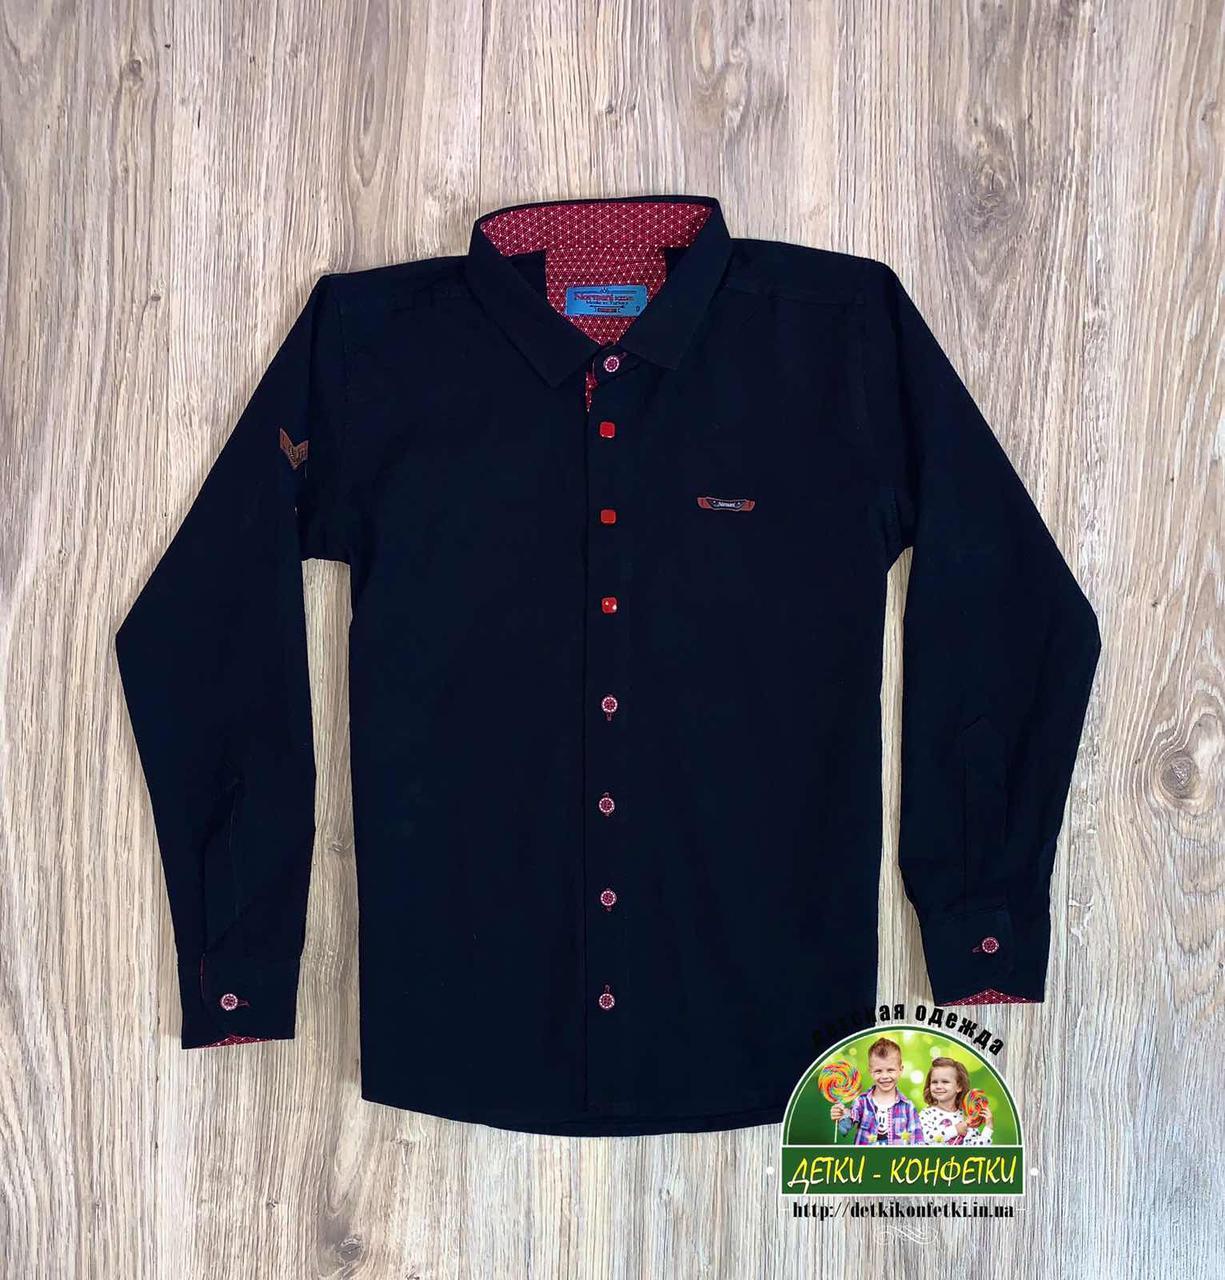 Черная рубашка с красными пуговицами для мальчиков и подростков